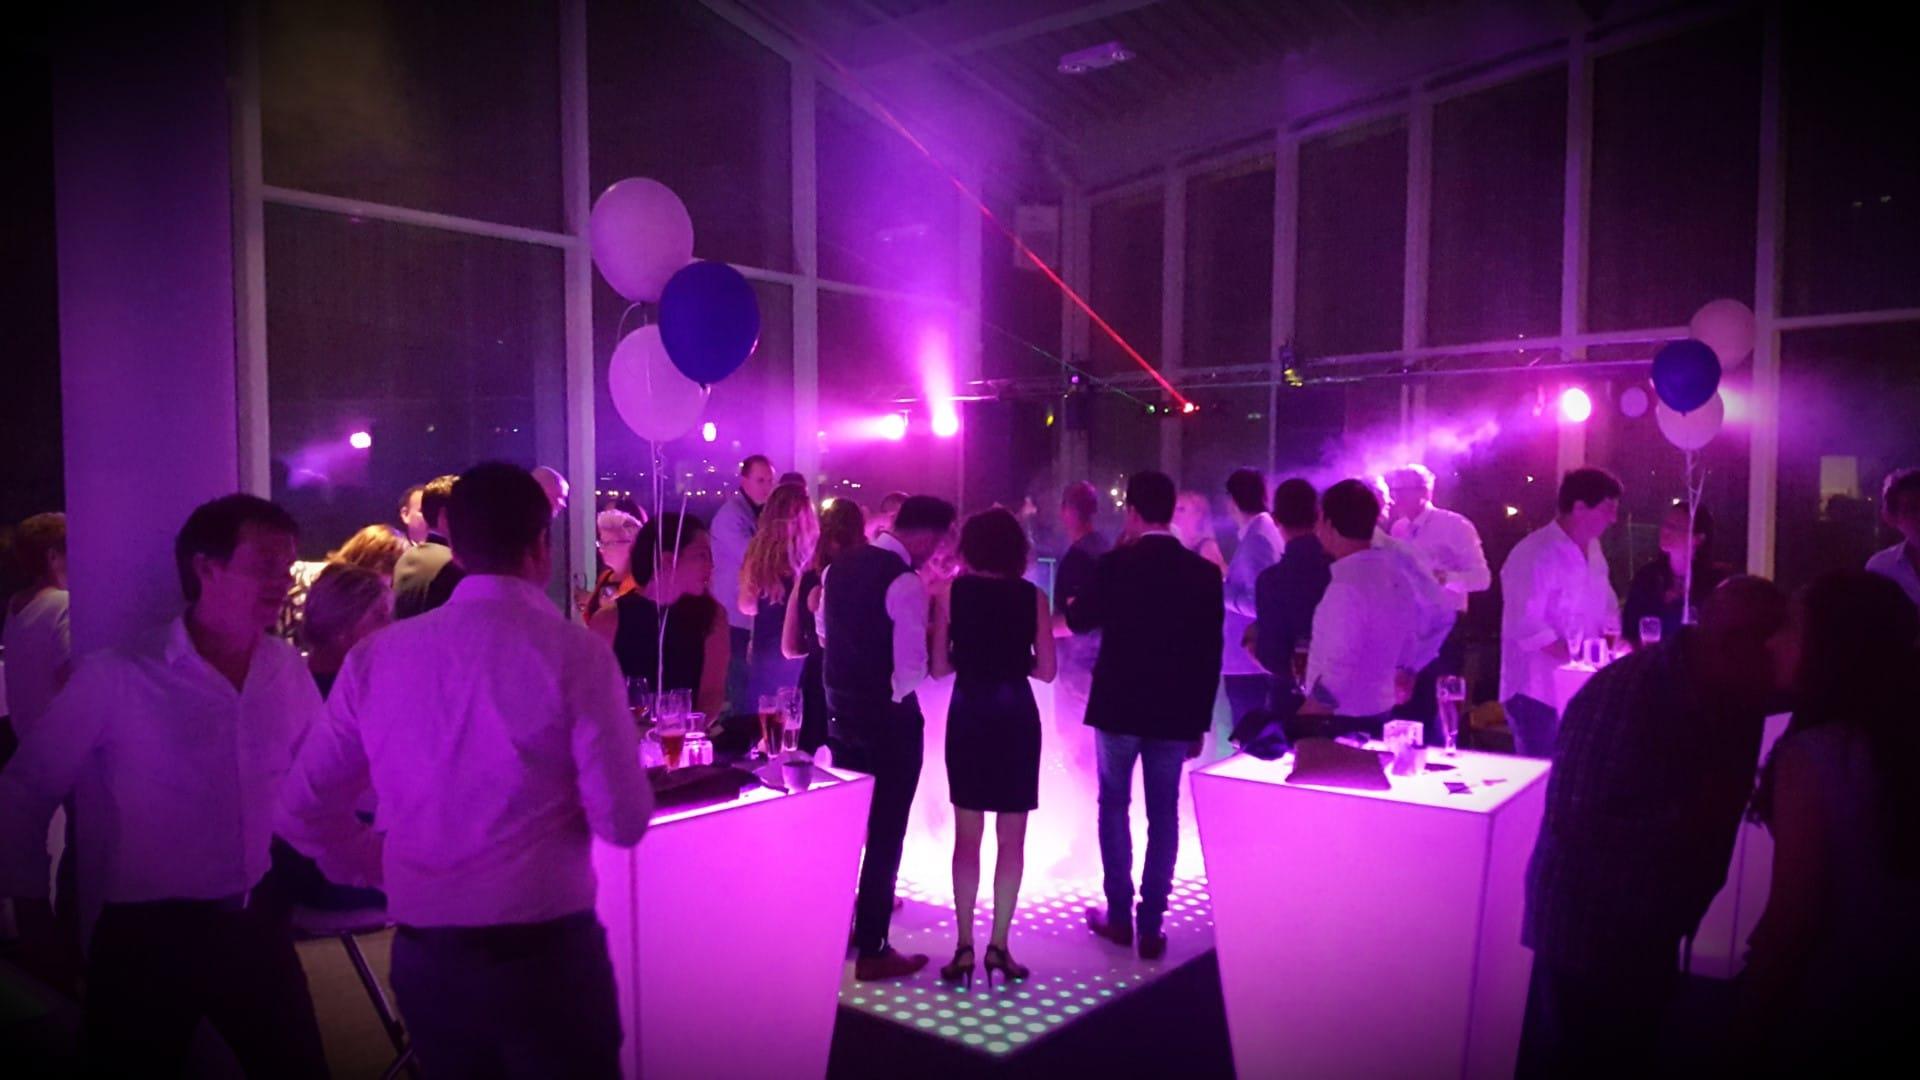 Feest DJ's in Domani in Venlo Limburg